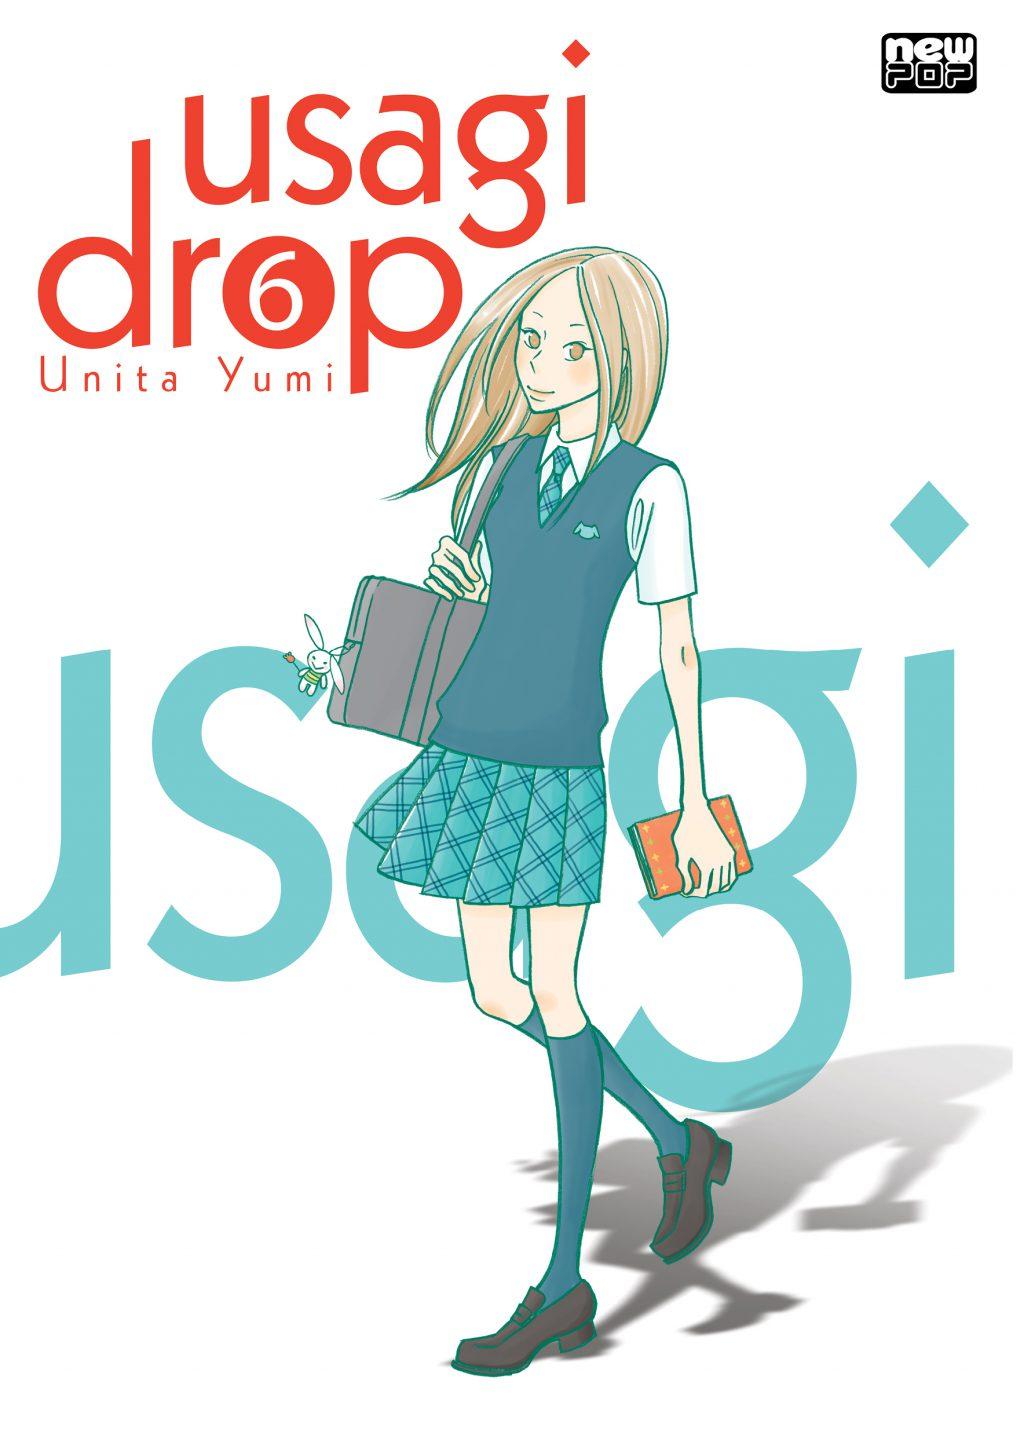 NewPOP_Usagi06